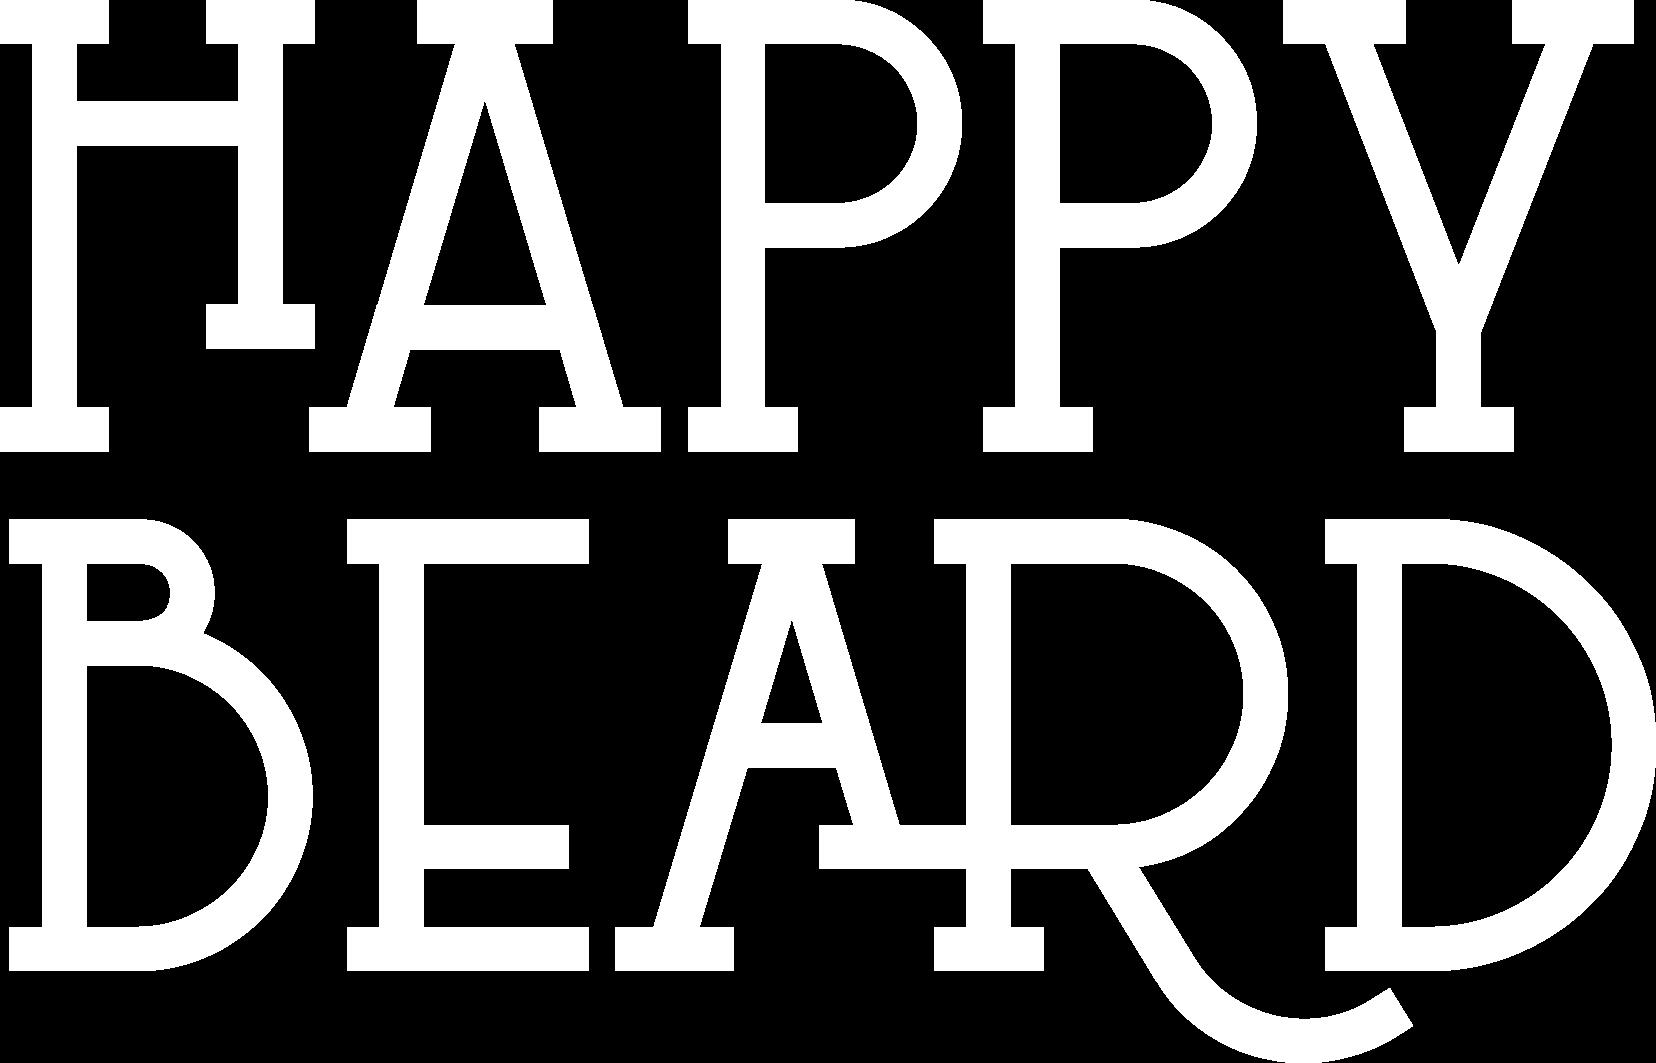 HAPPY BEARD